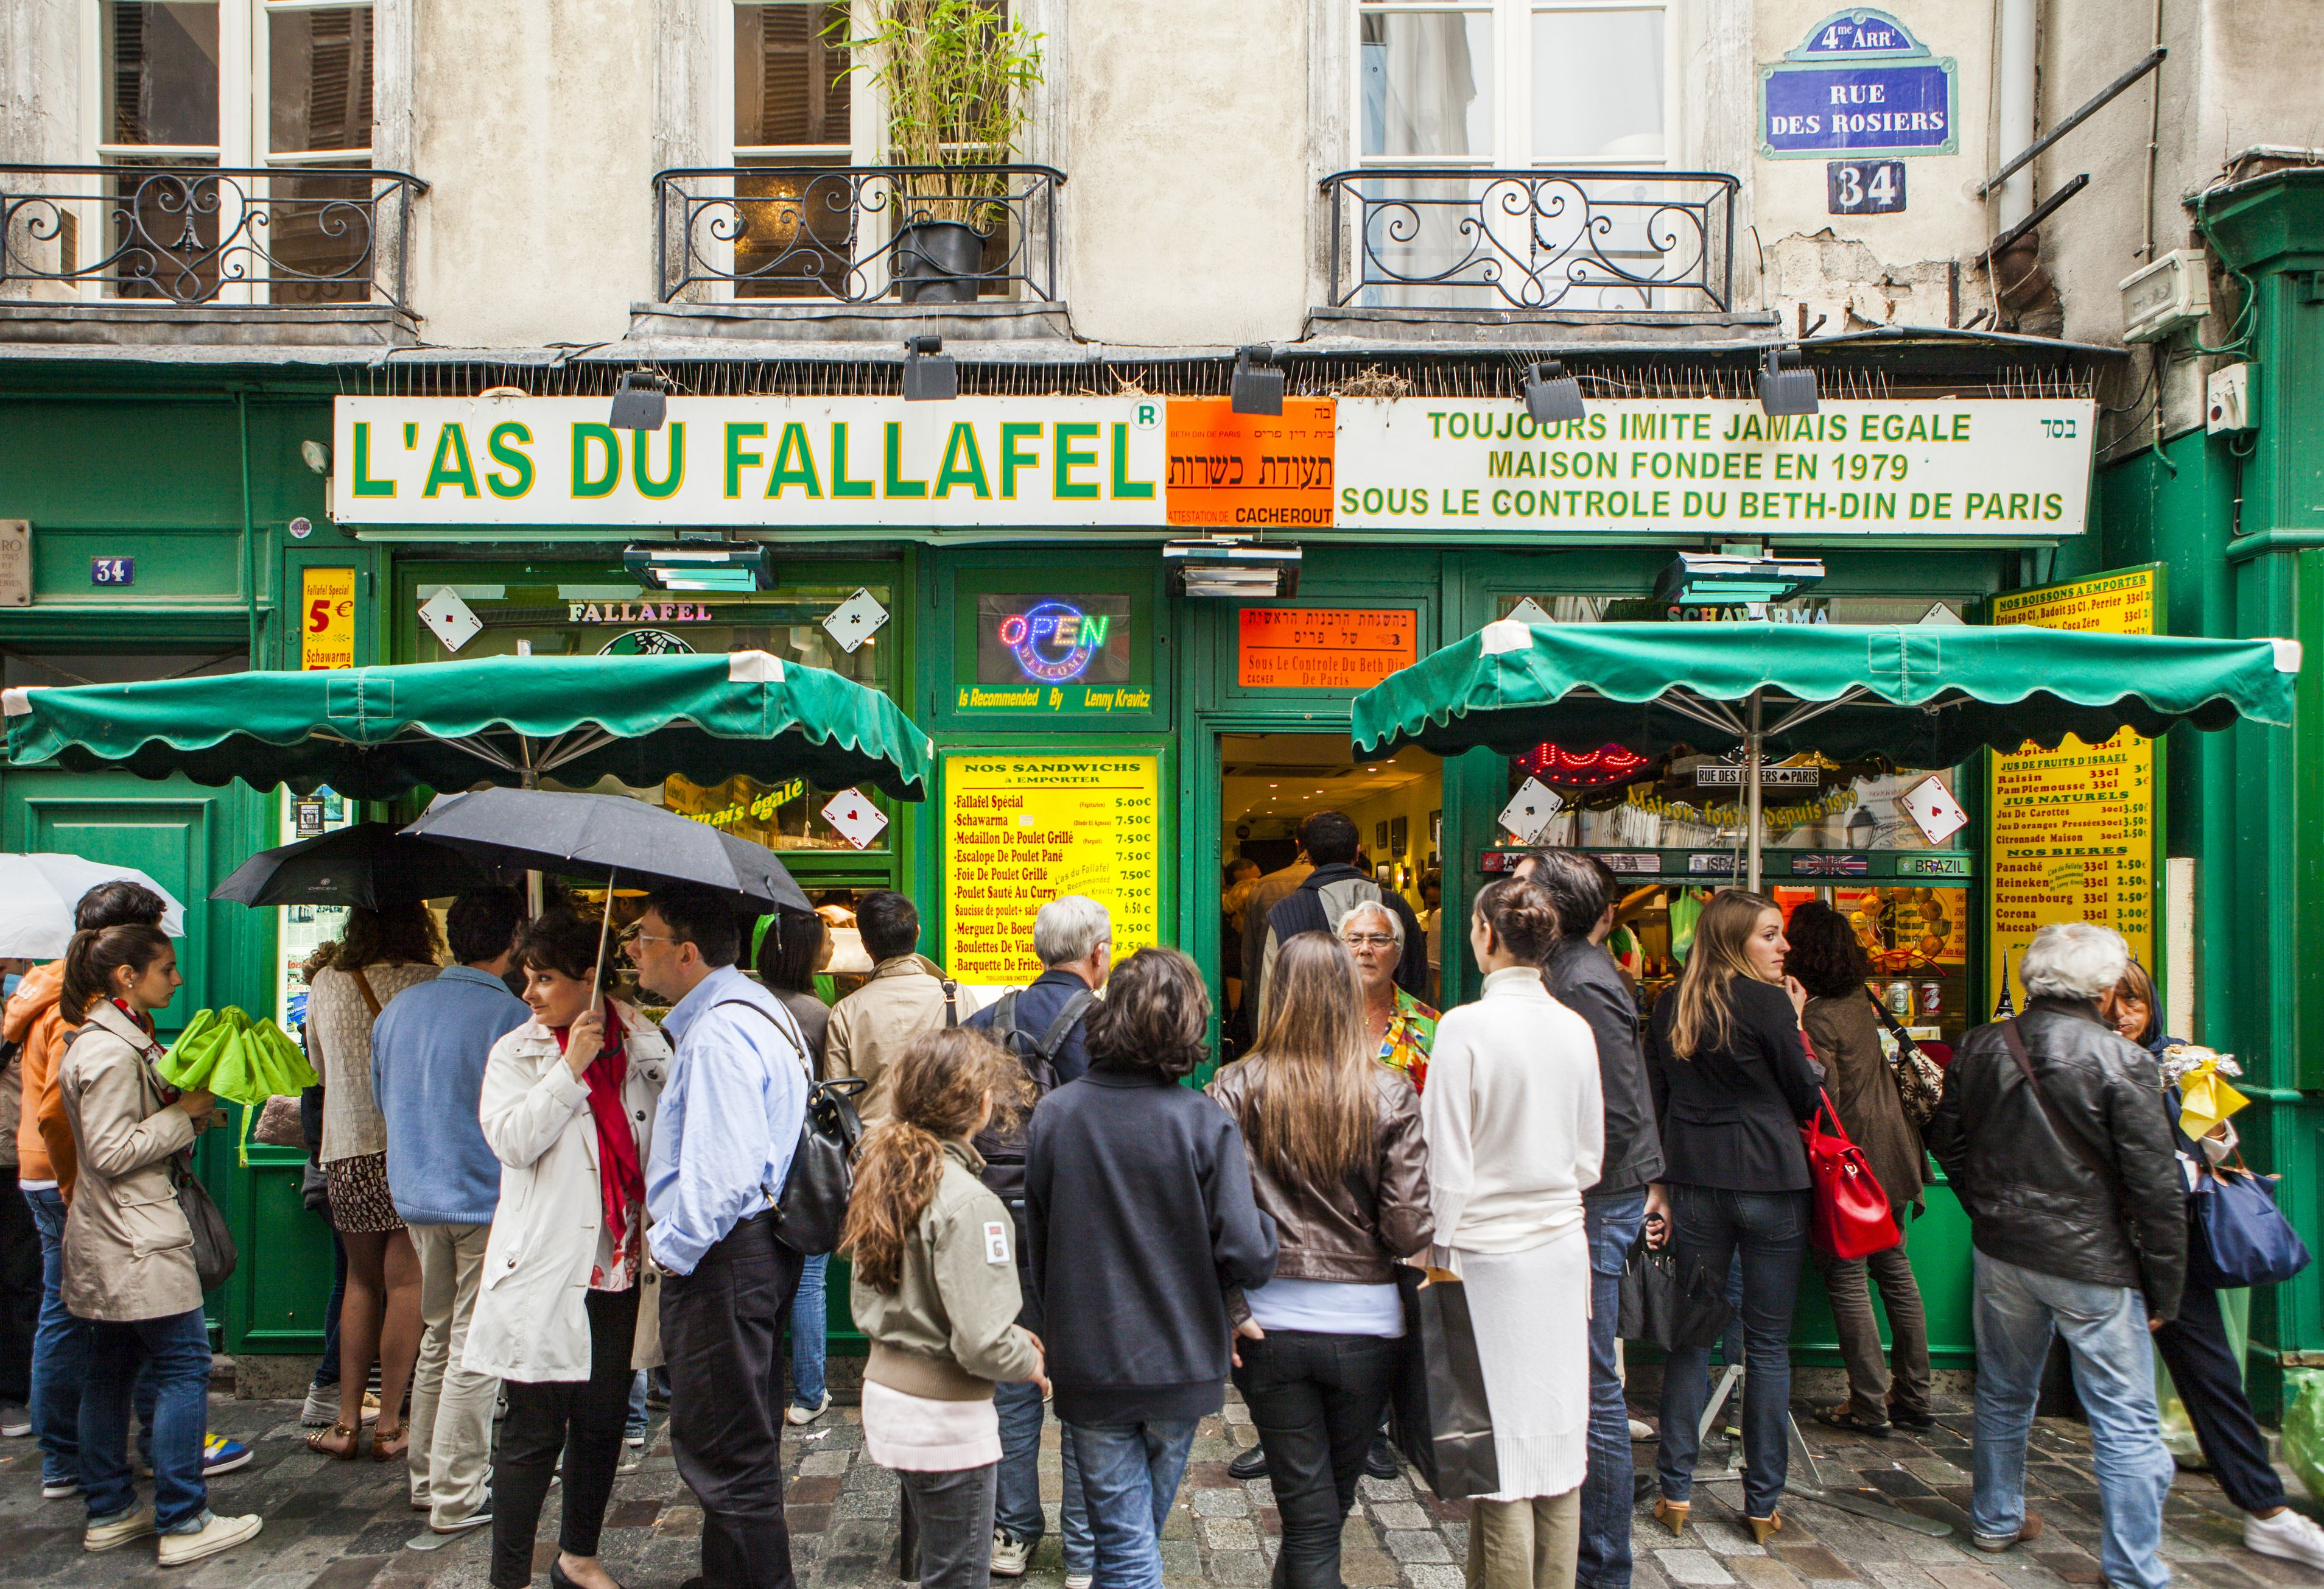 Falafel Shop in the Marais, Paris, France